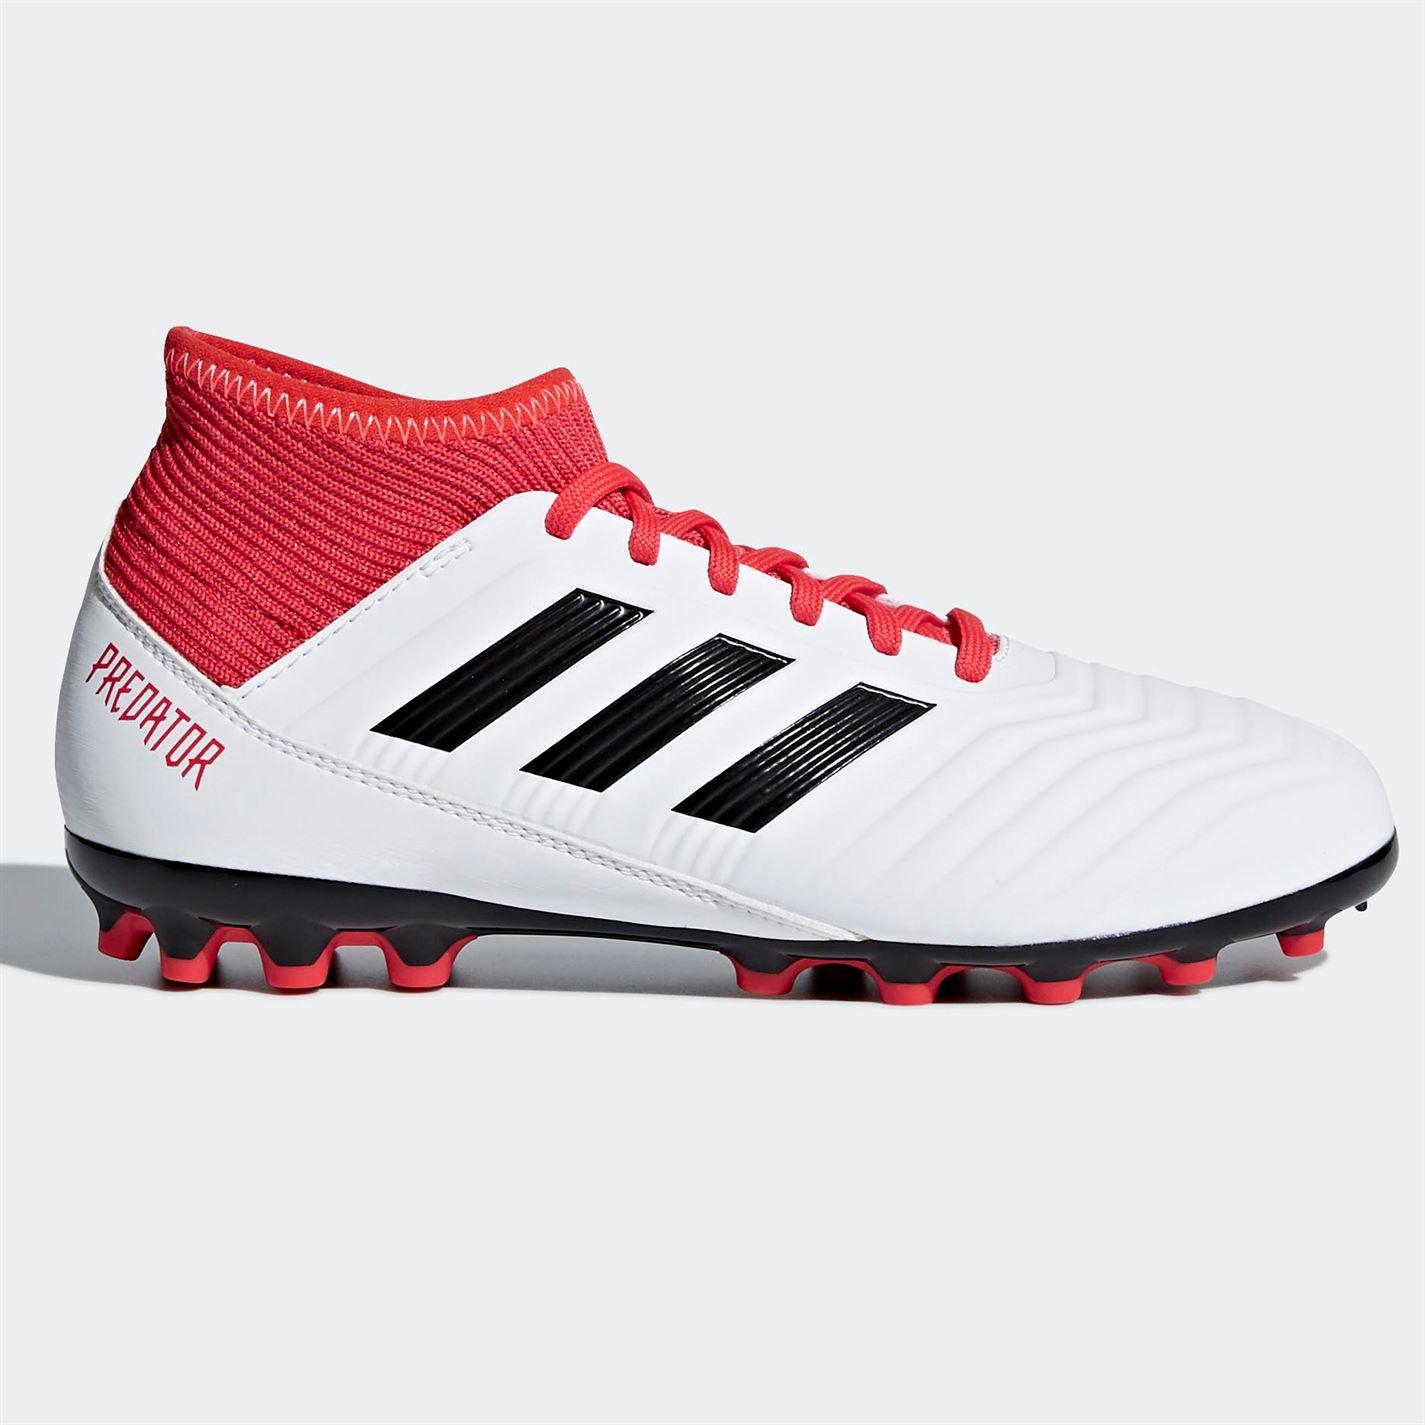 kopačky adidas Predator 18.3 AG Childrens